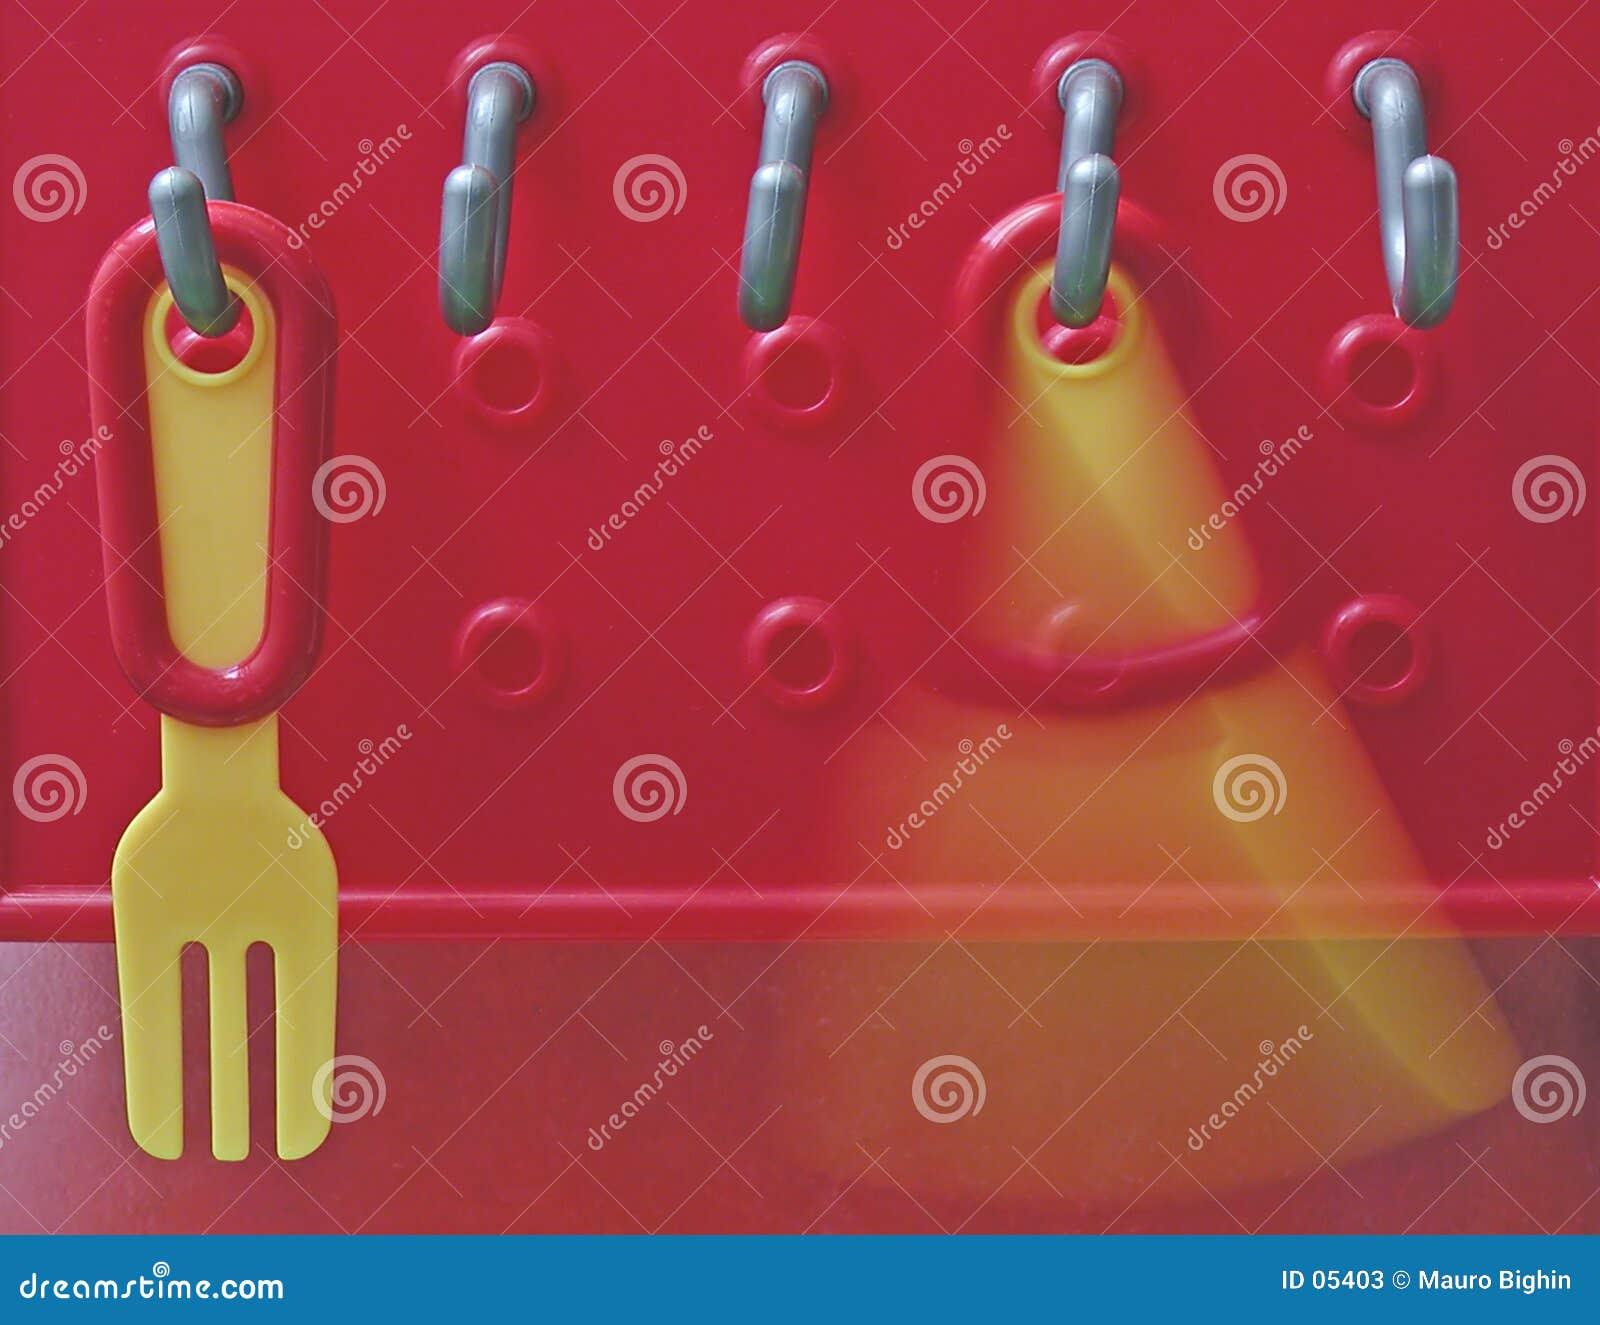 Fourchette et couteau en plastique